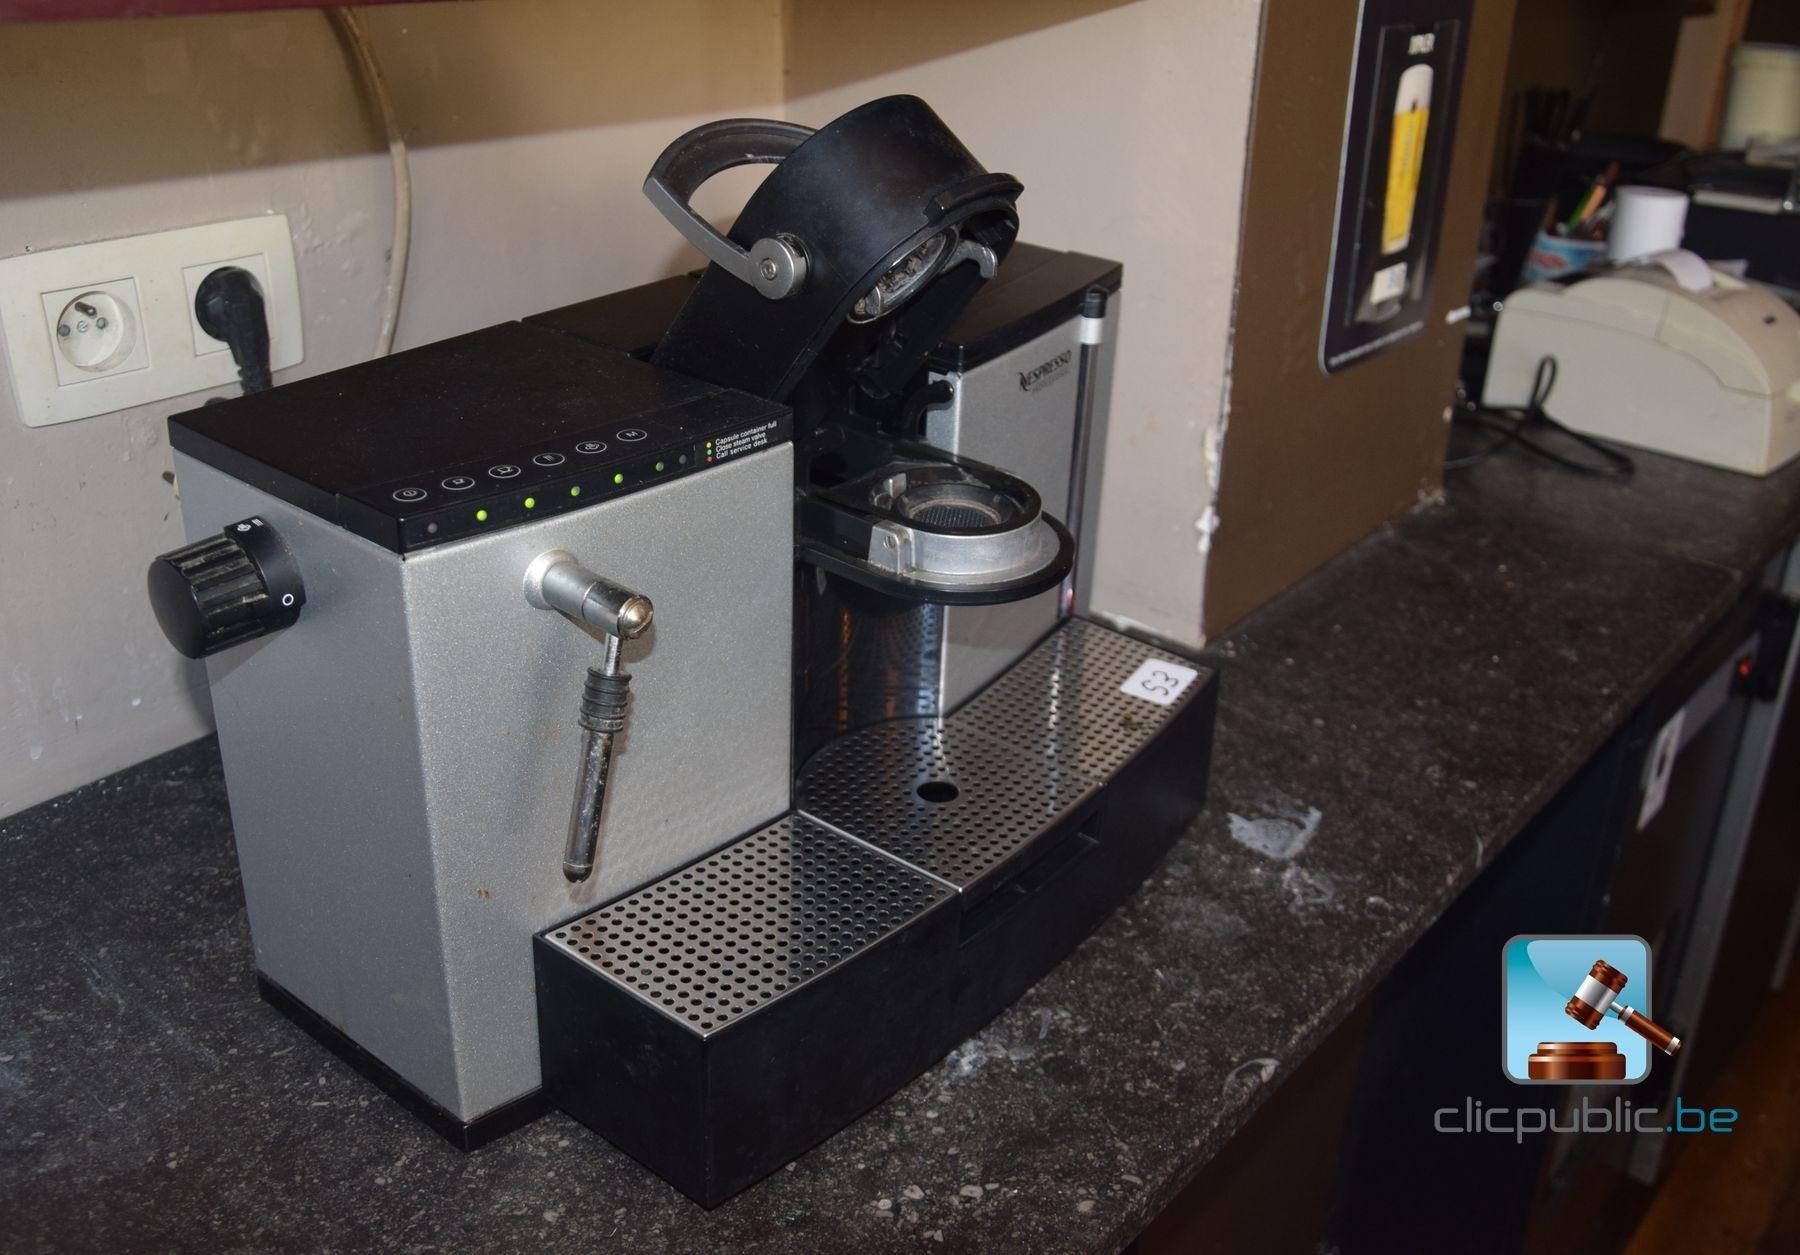 machine caf professionnelle nespresso 758 ref 53. Black Bedroom Furniture Sets. Home Design Ideas